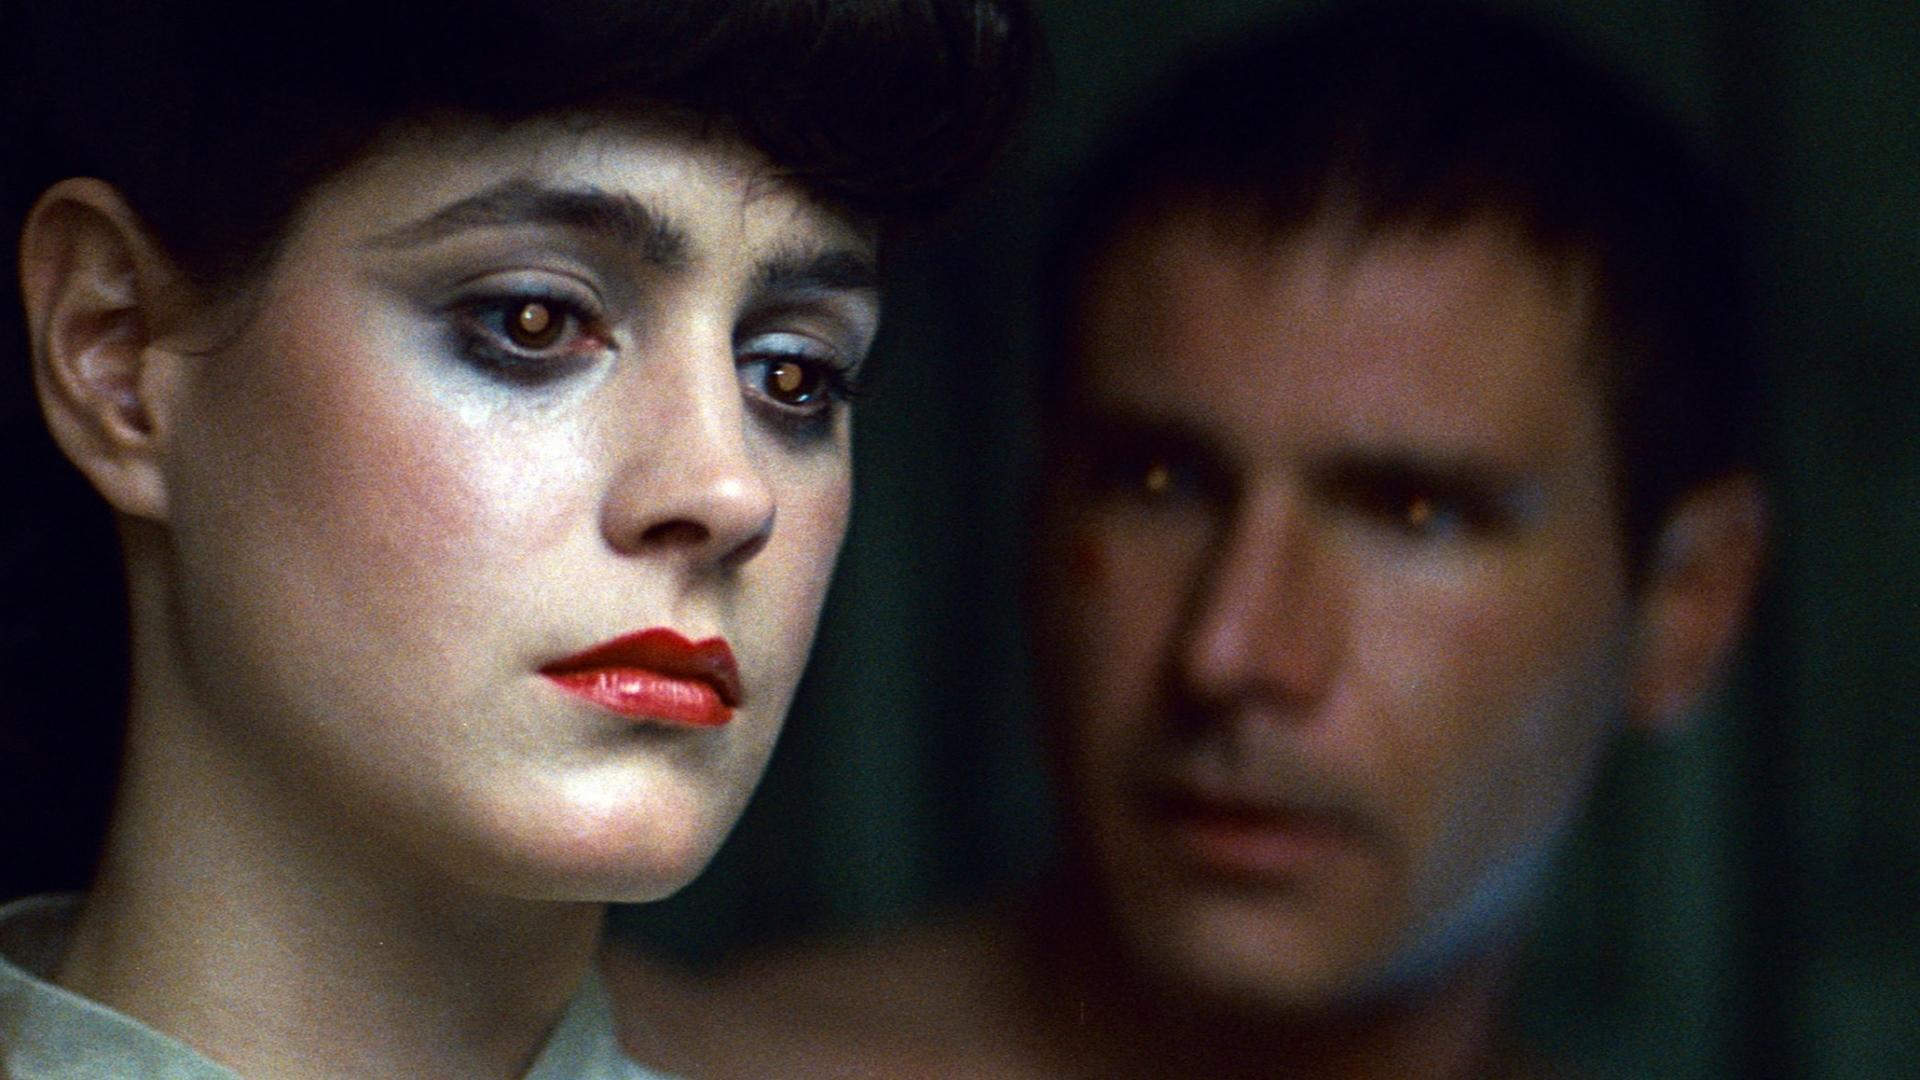 Replikantka Rachel v filmu iztrebljevalec Blade Runner